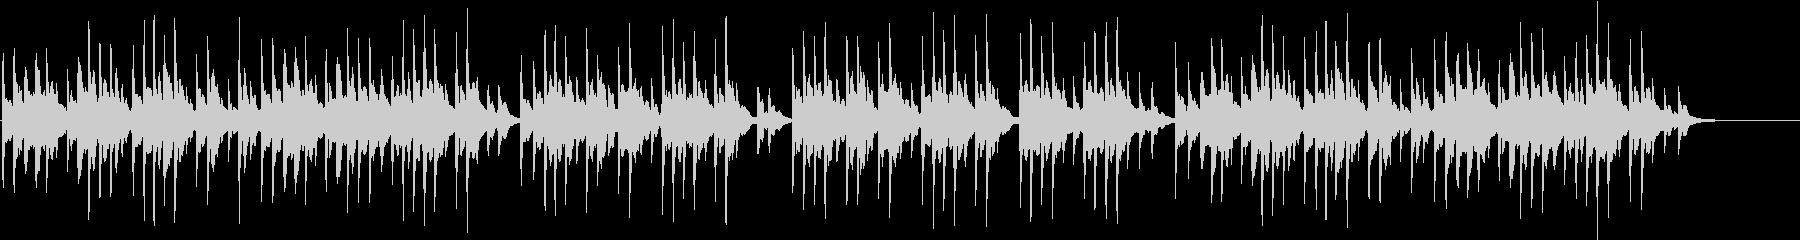 花の歌 ランゲ オルゴール クラシックの未再生の波形